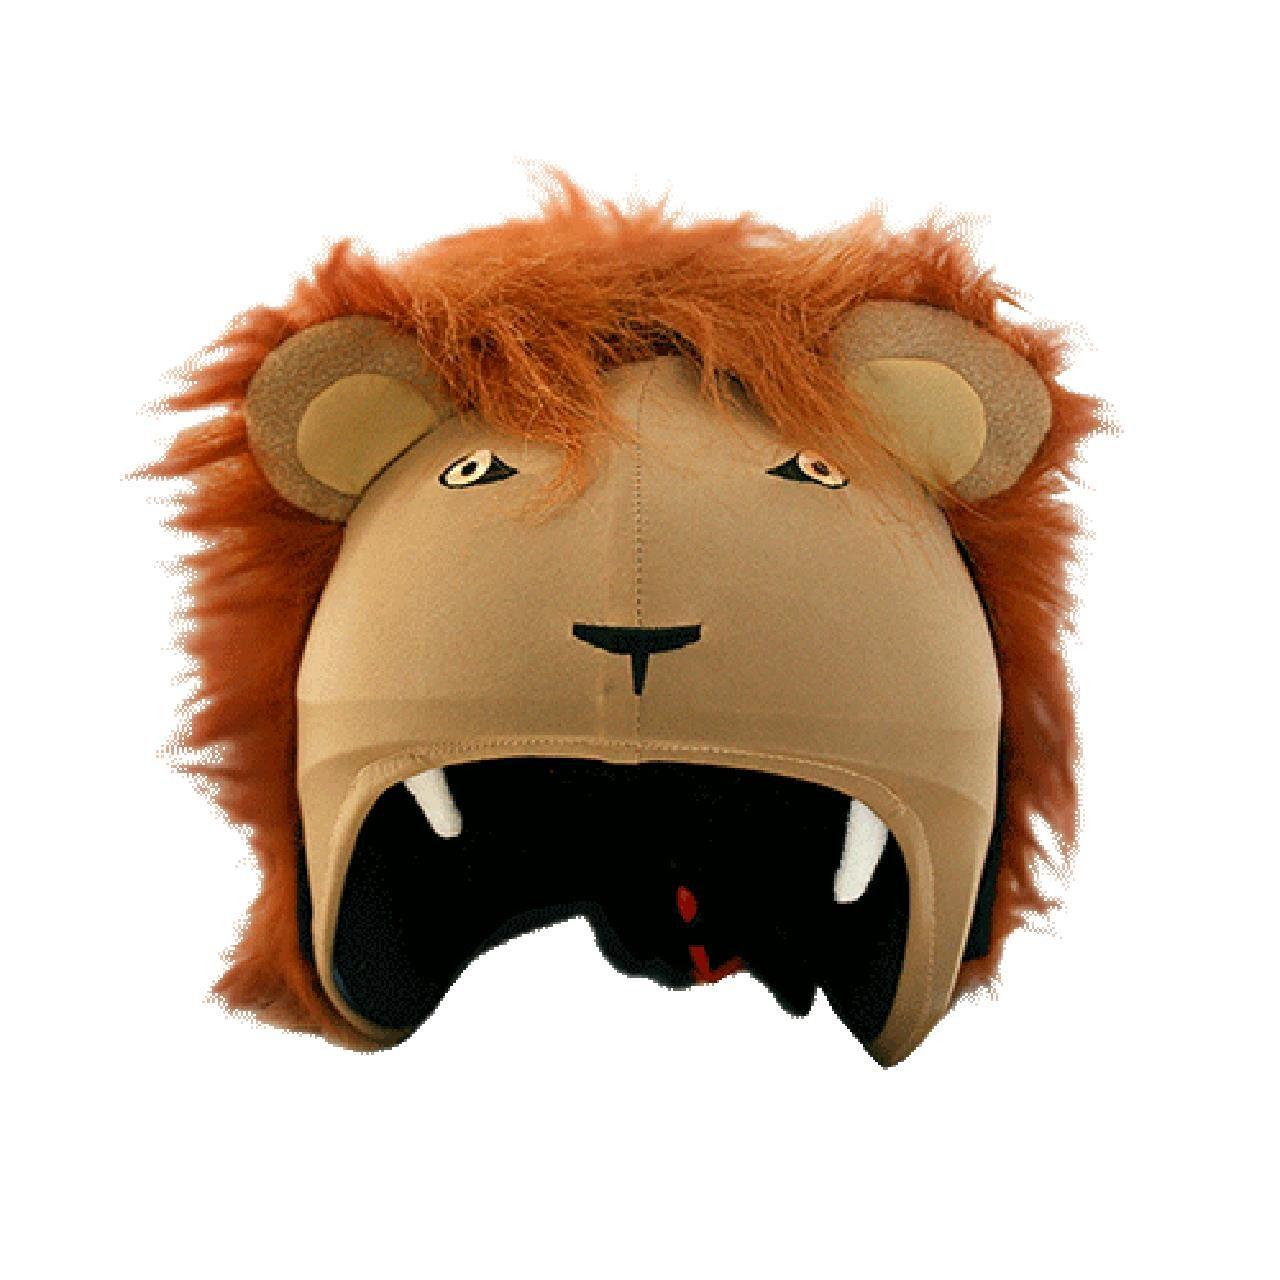 Купить Нашлемник COOLCASC 2017-18 Lion, Шлемы для горных лыж/сноубордов, 1383741